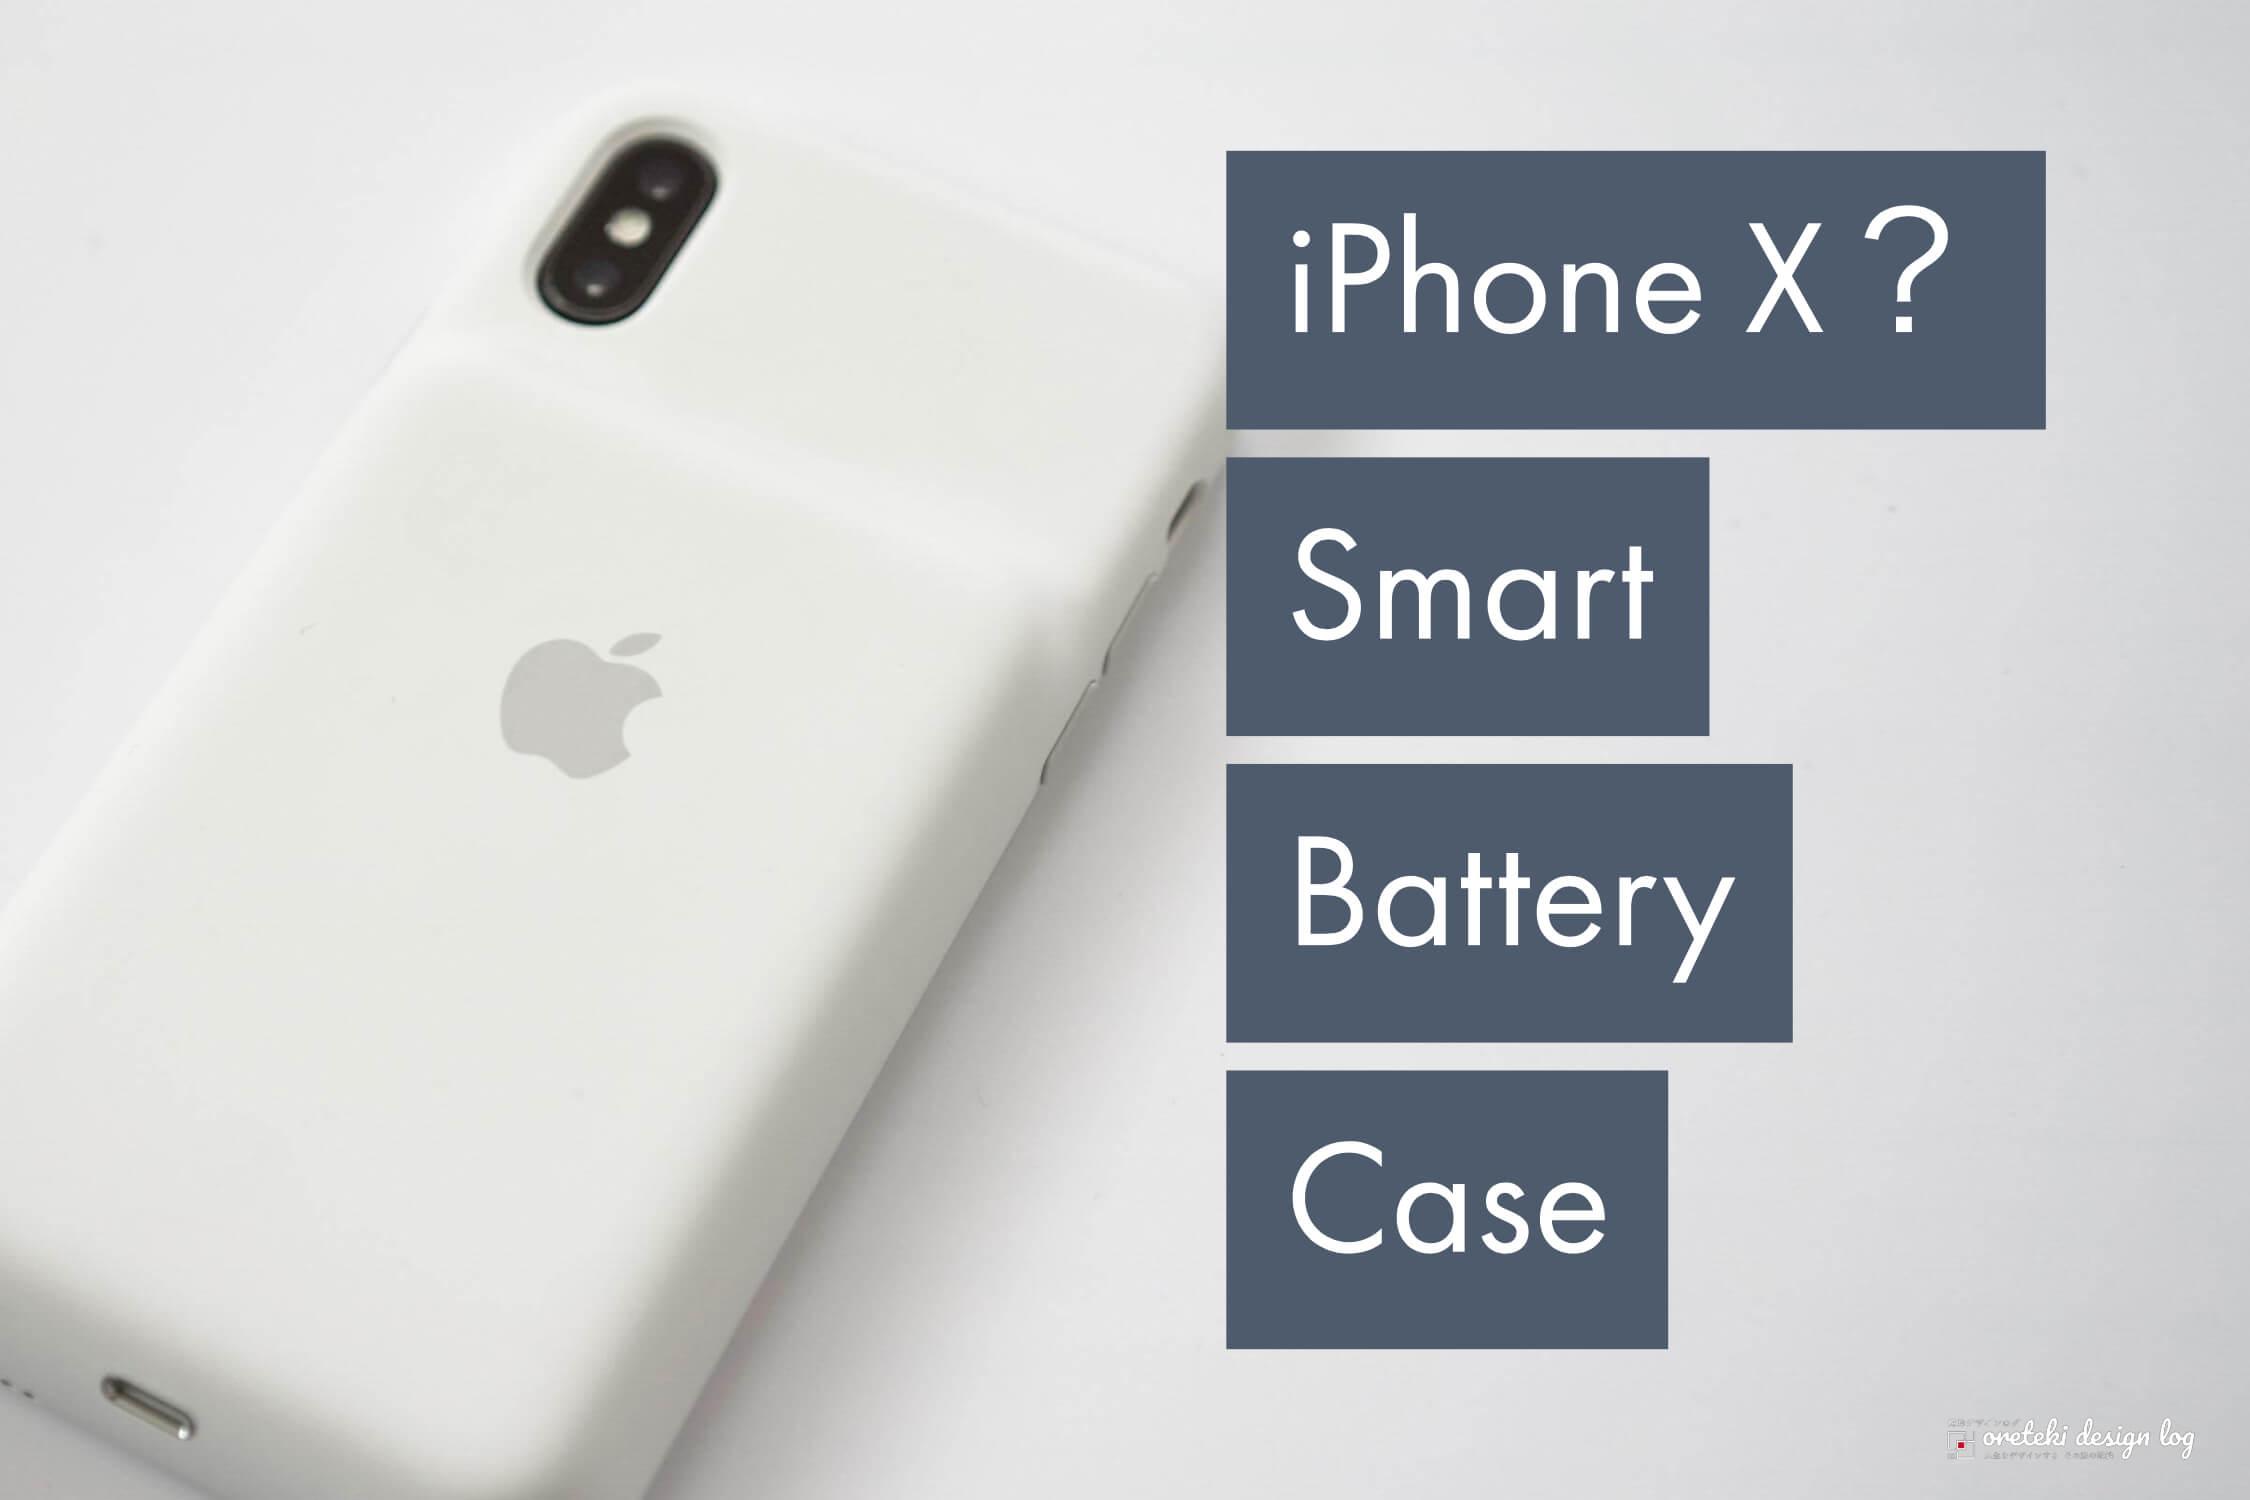 スマートバッテリーケース iPhone X 記事 アイキャッチ